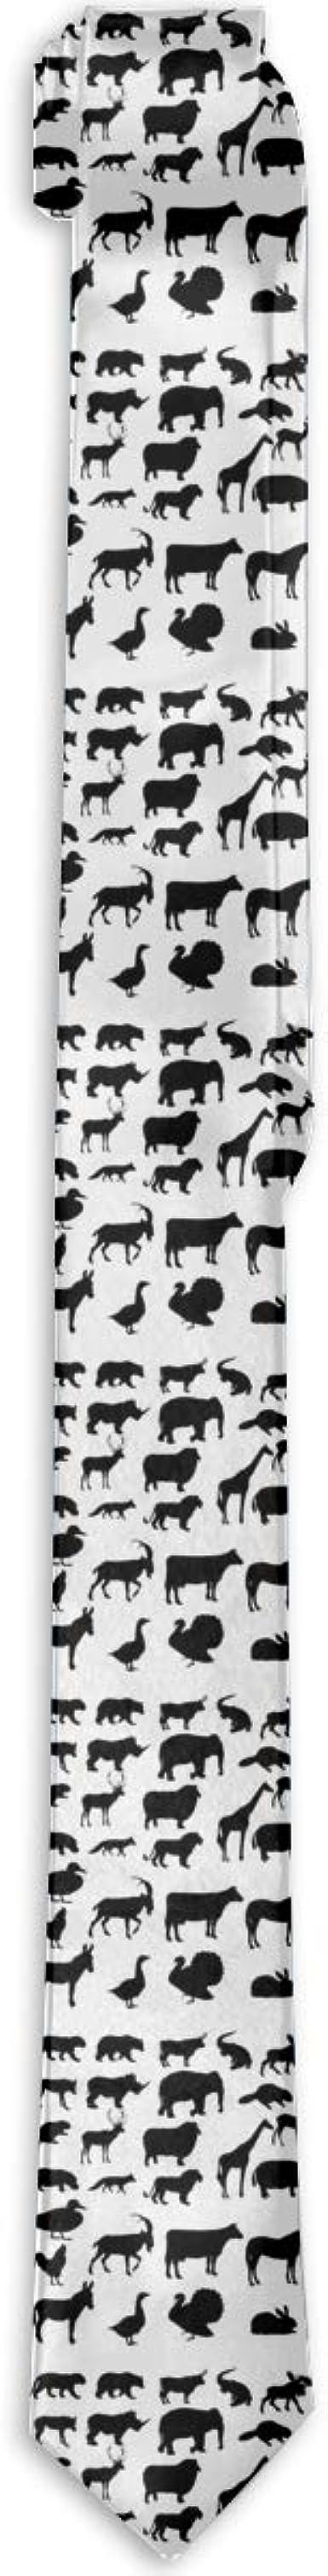 CZSJ Dark Horse Mens Fashion Tie Luxury Print Necktie